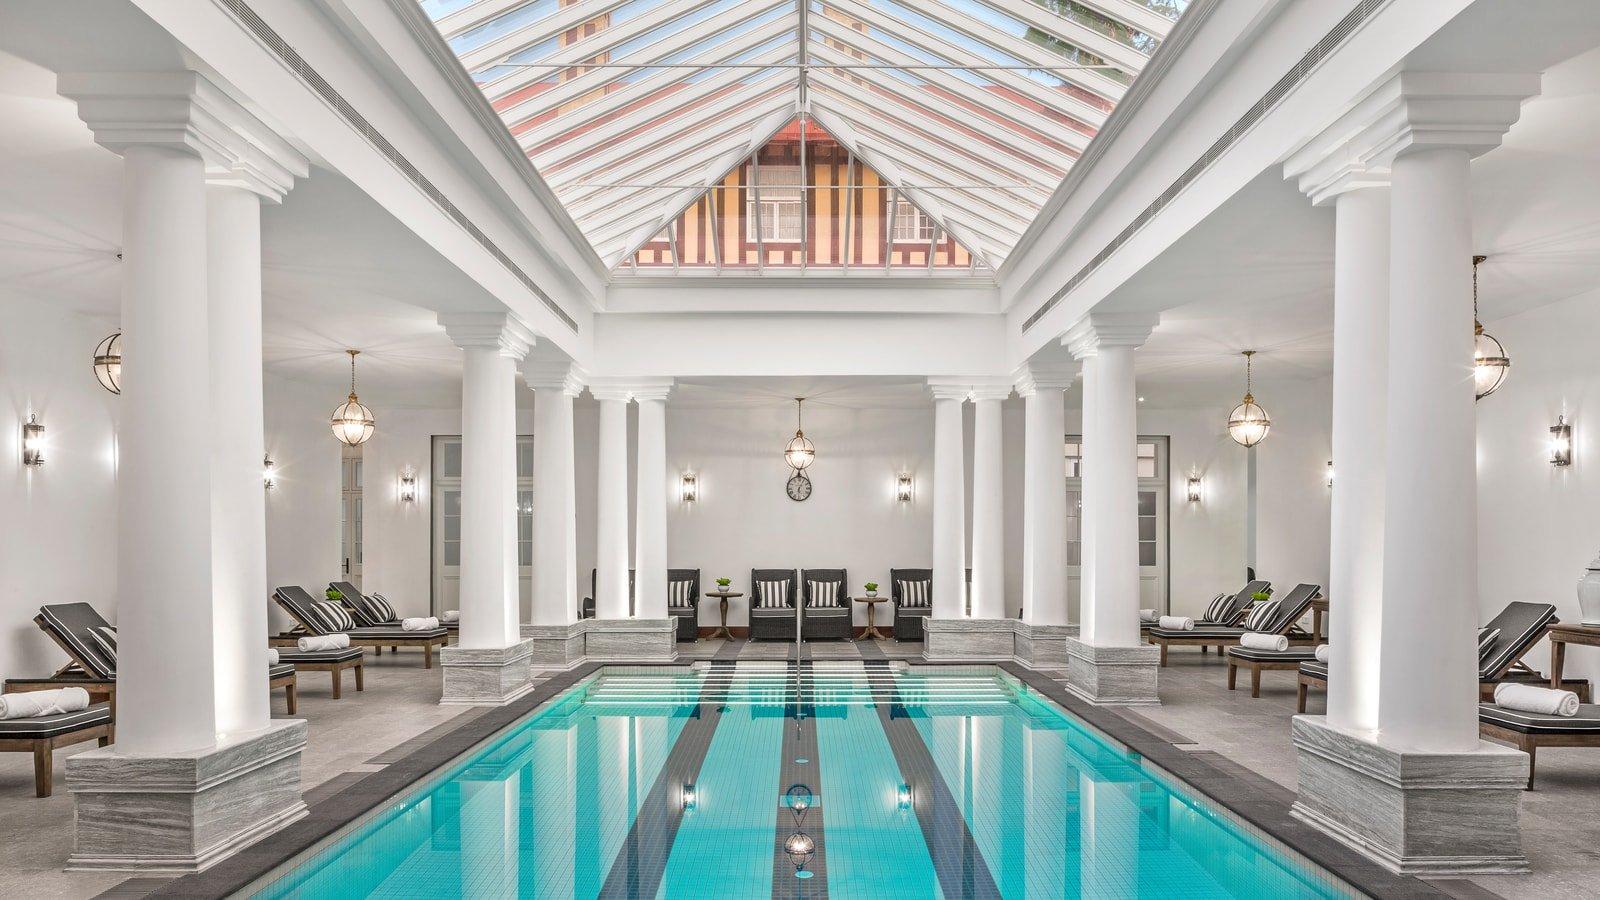 A Grand Pool House for a Grand Hotel in Sri Lanka